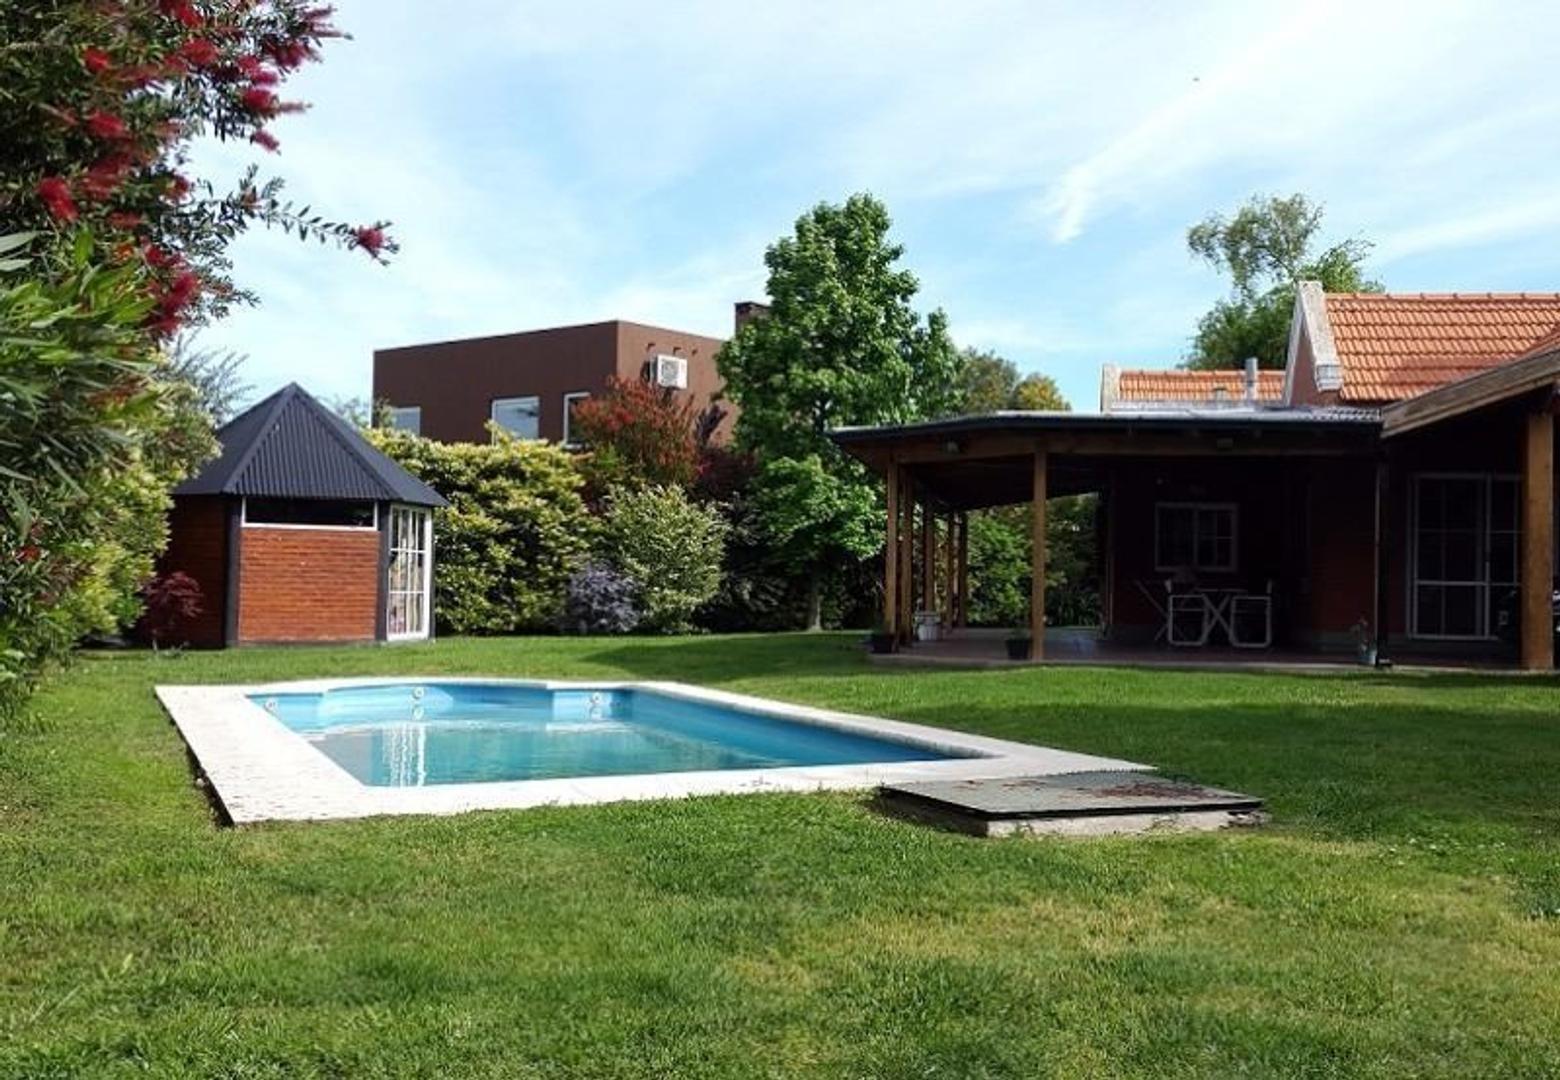 Campos de Echeverria excelente casa a la venta